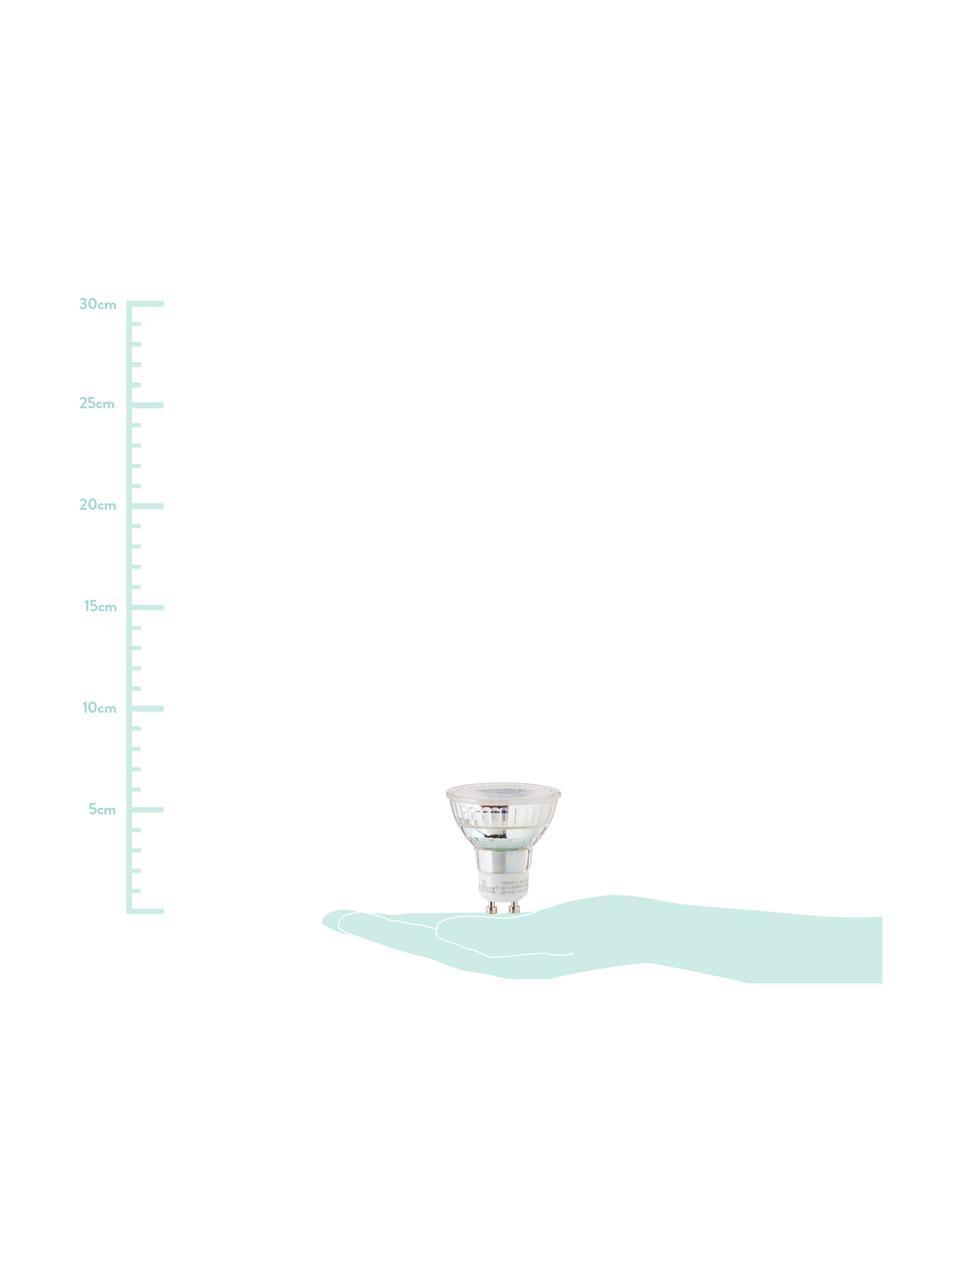 Ampoule LED GU10 blanc chaud, 4W, 1 pièce, Transparent